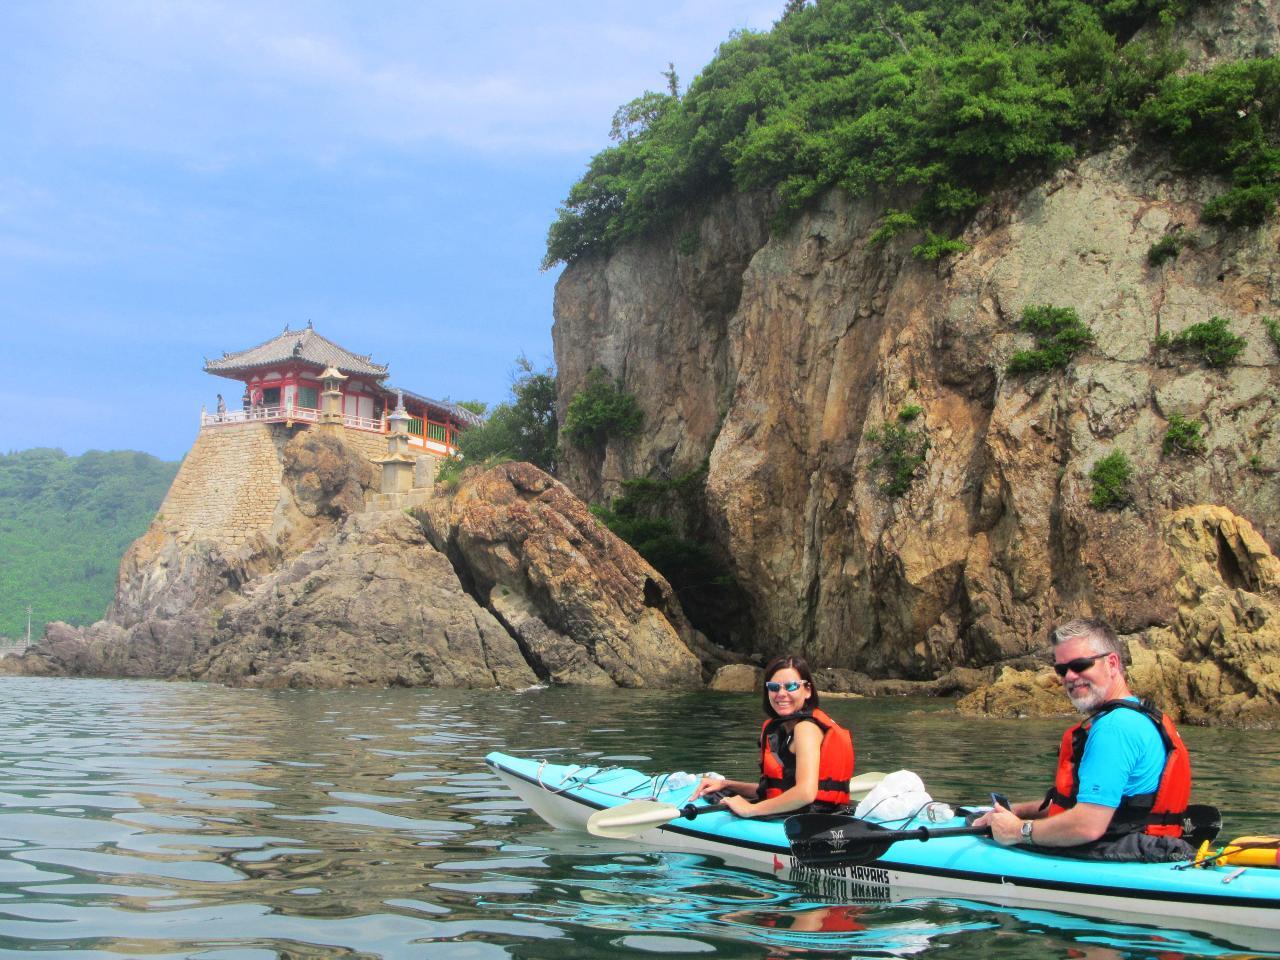 【Kayaker's Cafe】ジブリやハリウッドの舞台となった海でシーカヤックツアー(半日)